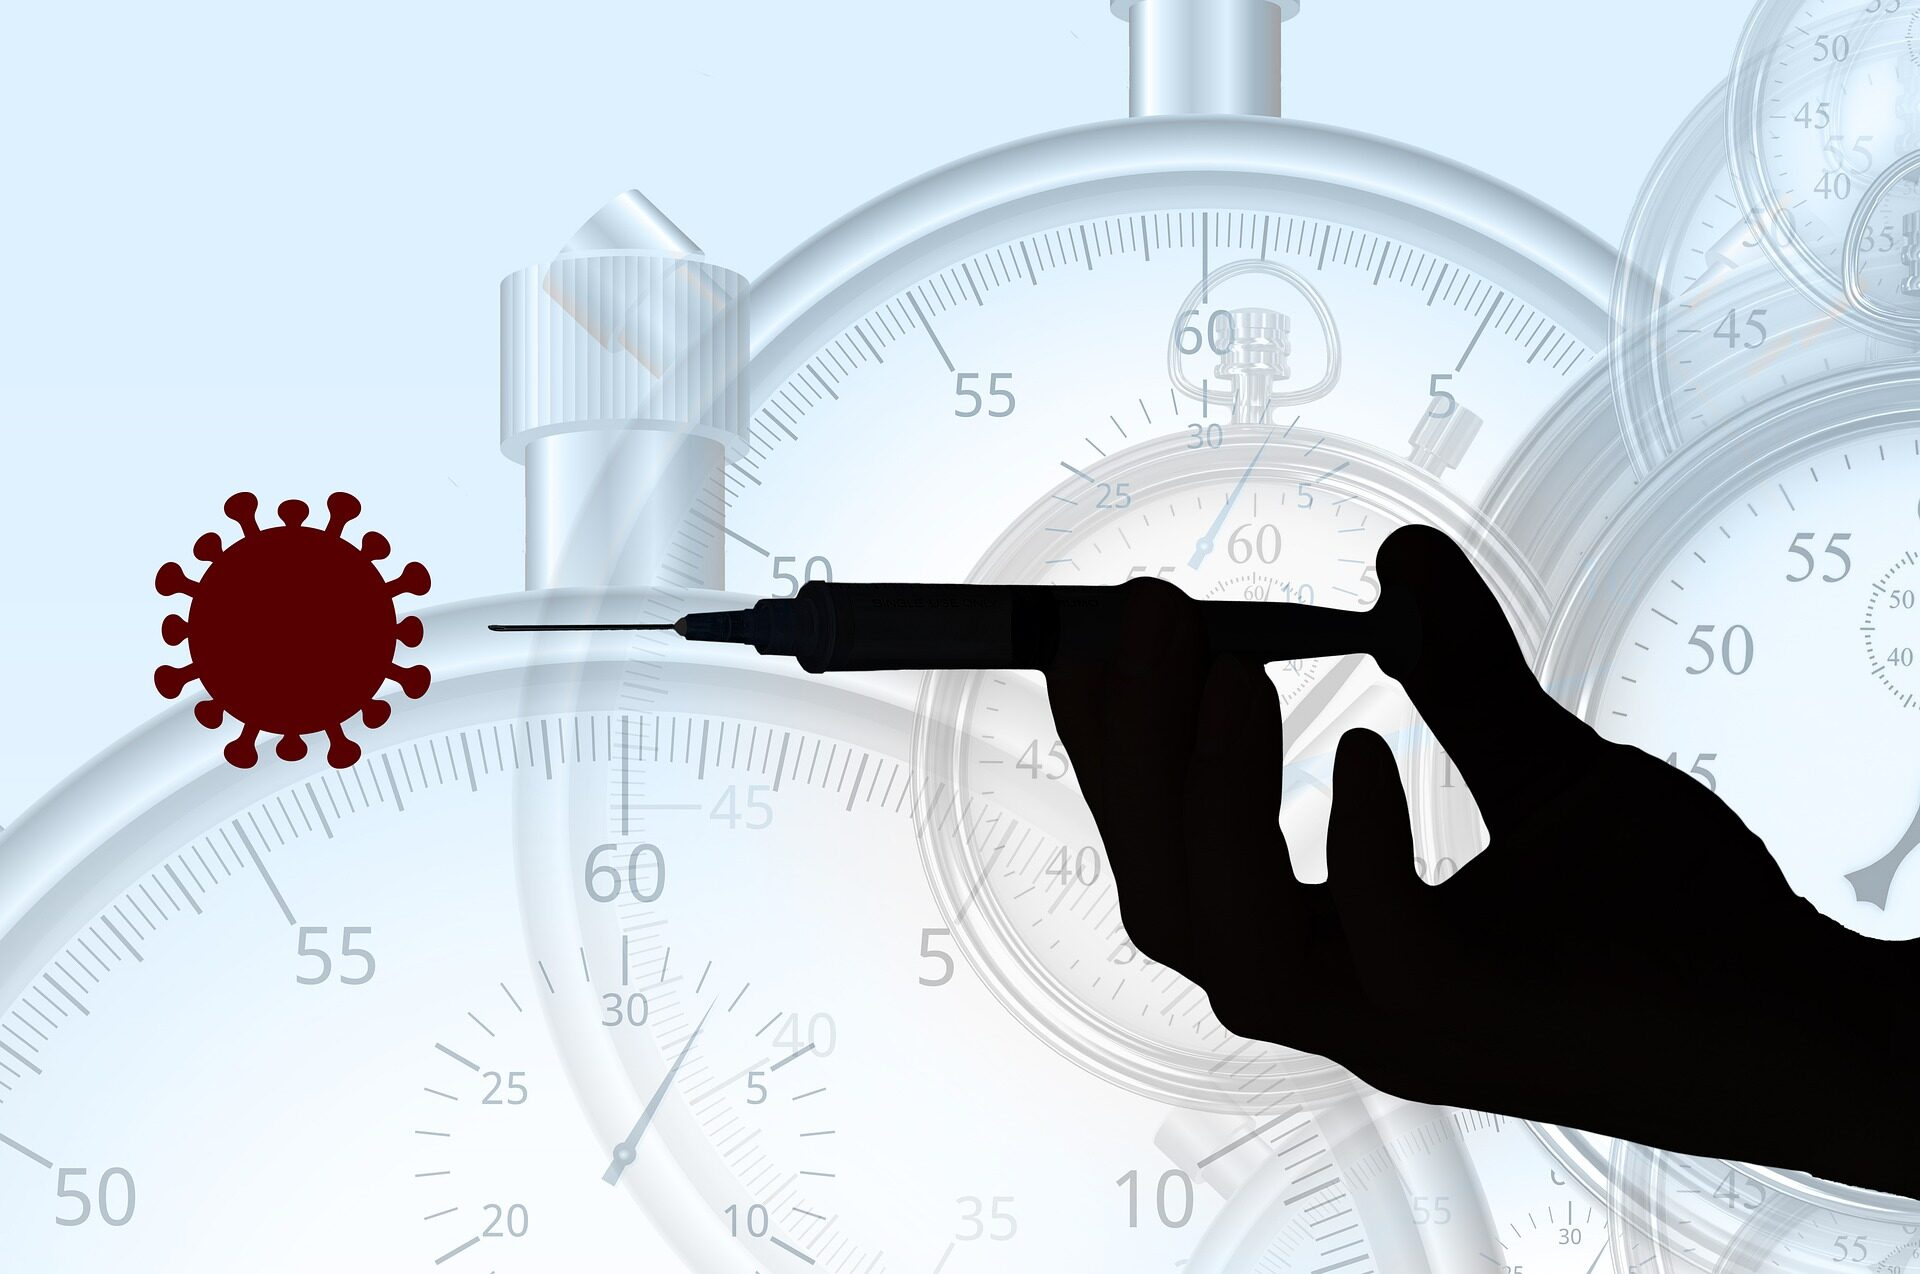 นักวิจัยเตือนรูปแบบกลายพันธุ์เชื้อ ซี.1.2 น่าวิตก อาจเลี่ยงวัคซีนทั้งหมดได้